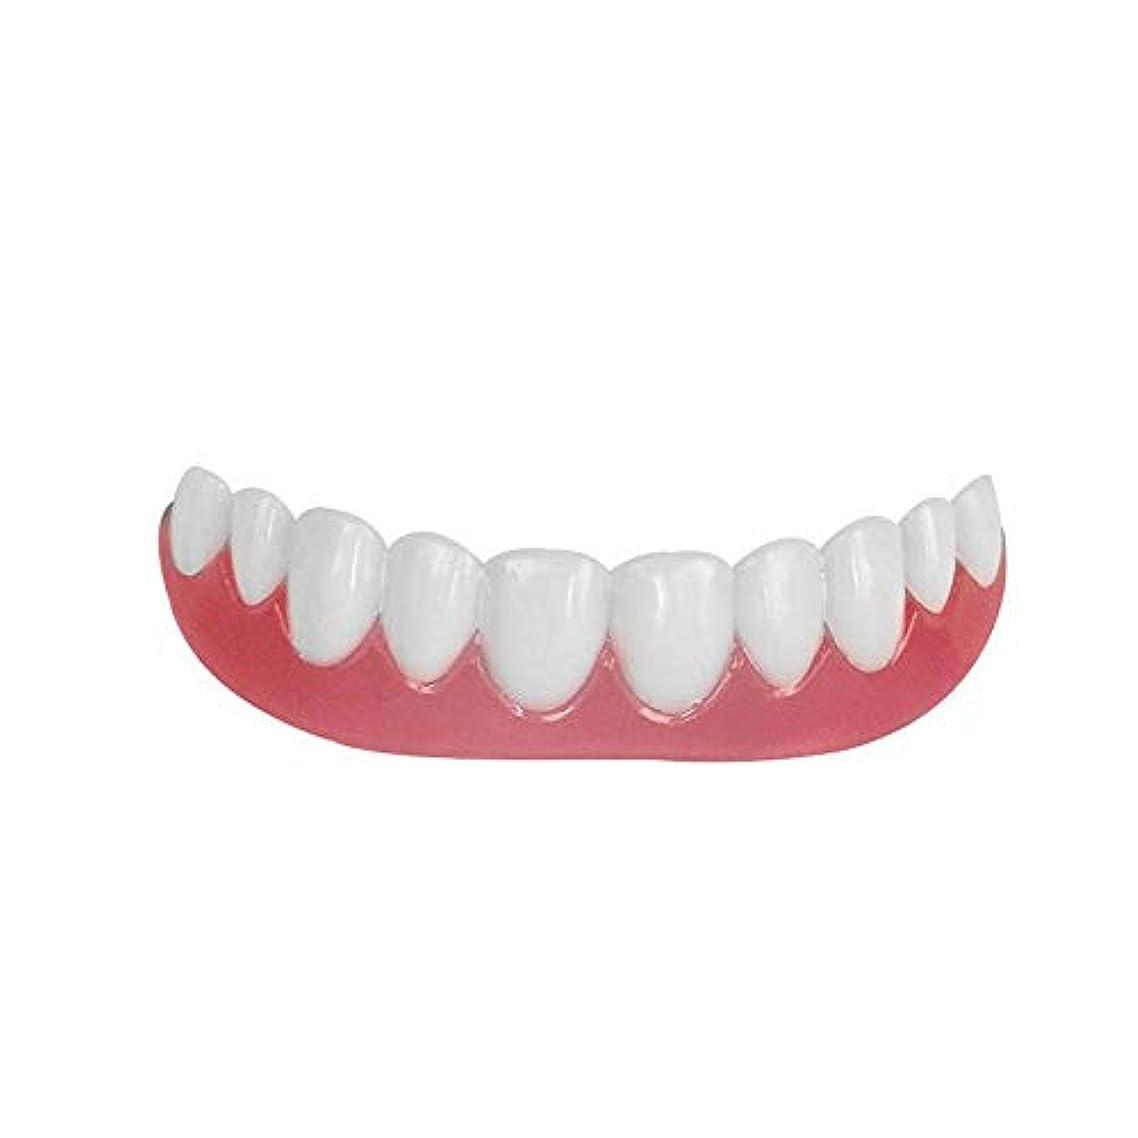 名前でアルカトラズ島ストレスシリコーン模擬歯上歯、歯科用ステッカーのホワイトニング、歯のホワイトニングセット(1pcs),A